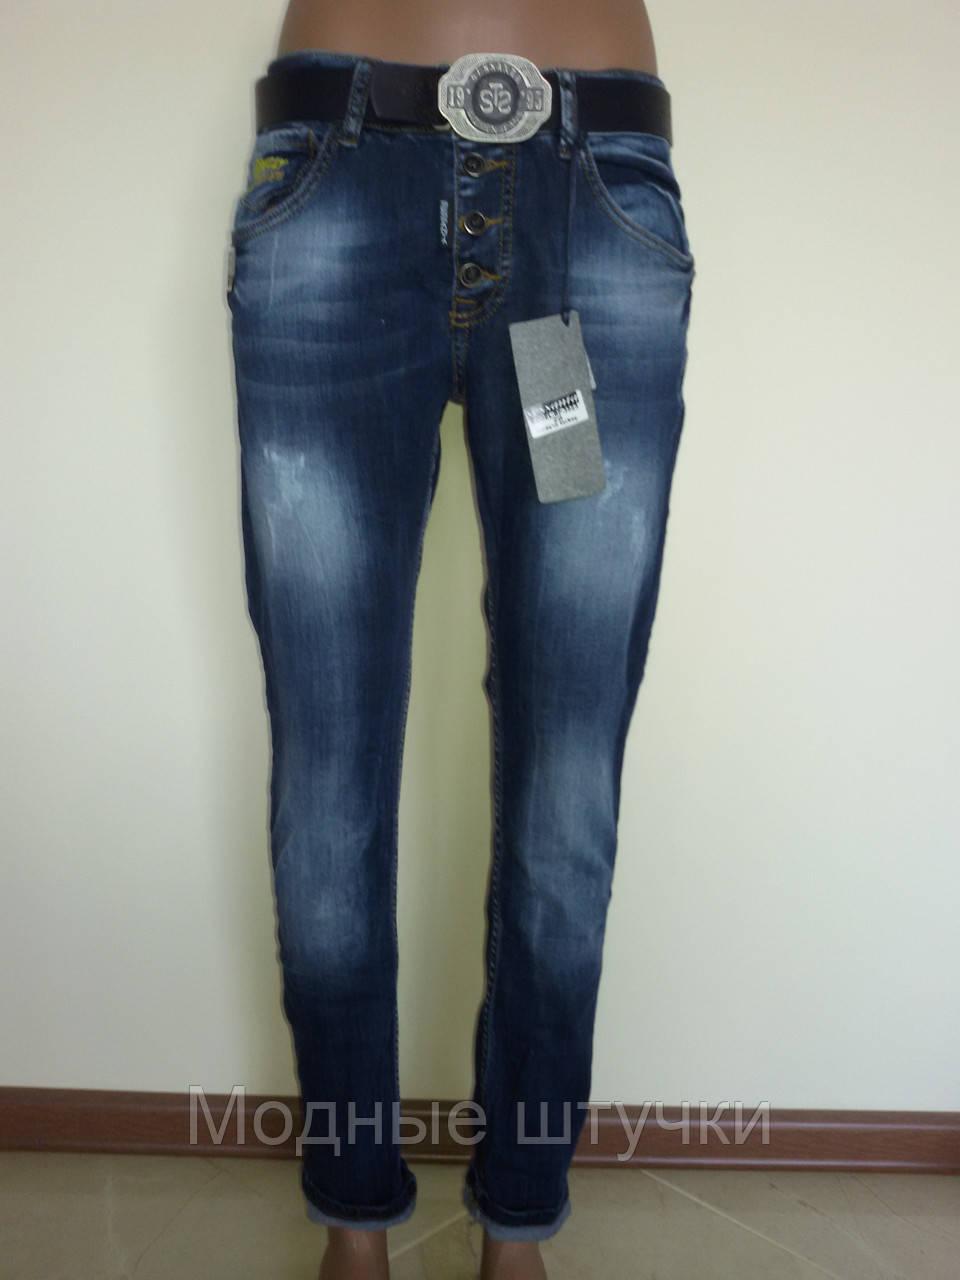 Где купить джинсы недорого